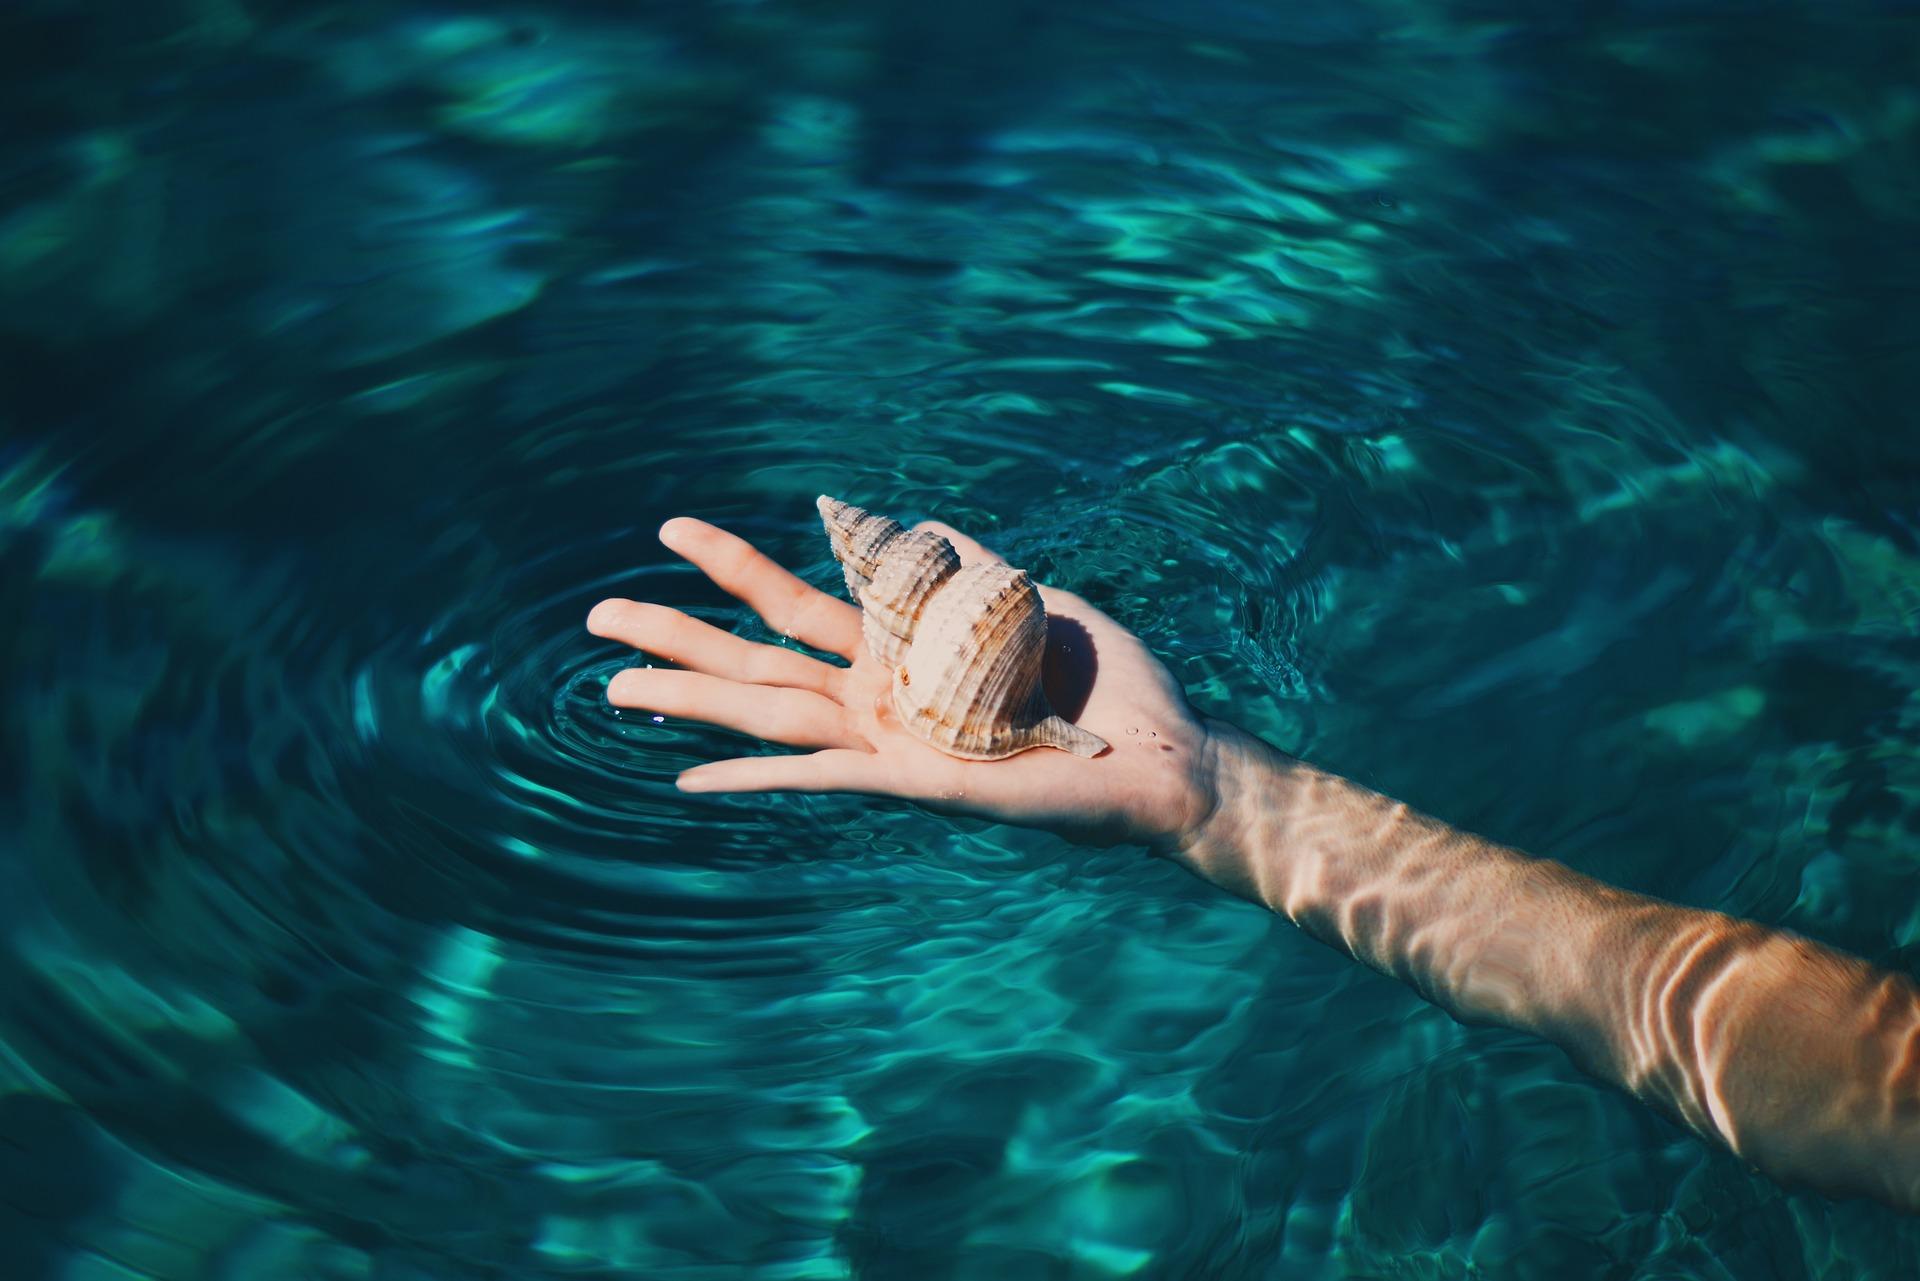 Τα κύματα της θάλασσας στ' αυτί σου μέσα από ένα κοχύλι